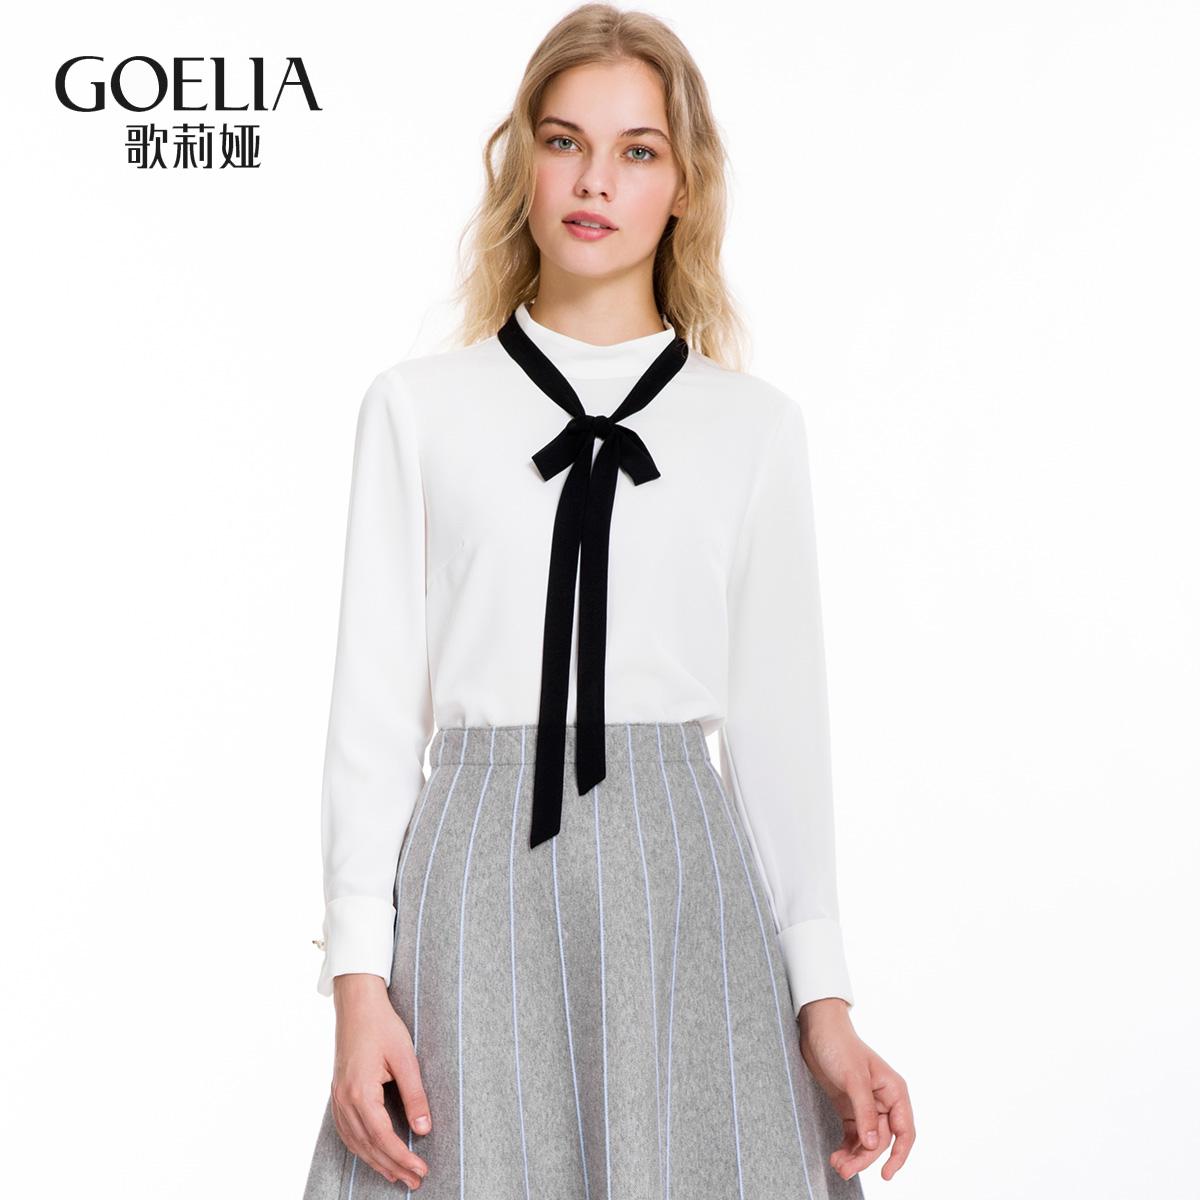 歌莉娅女装 【首降】歌莉娅女装  冬季新品领结可脱卸小立领衬衫16CJ3E240_推荐淘宝好看的歌莉娅